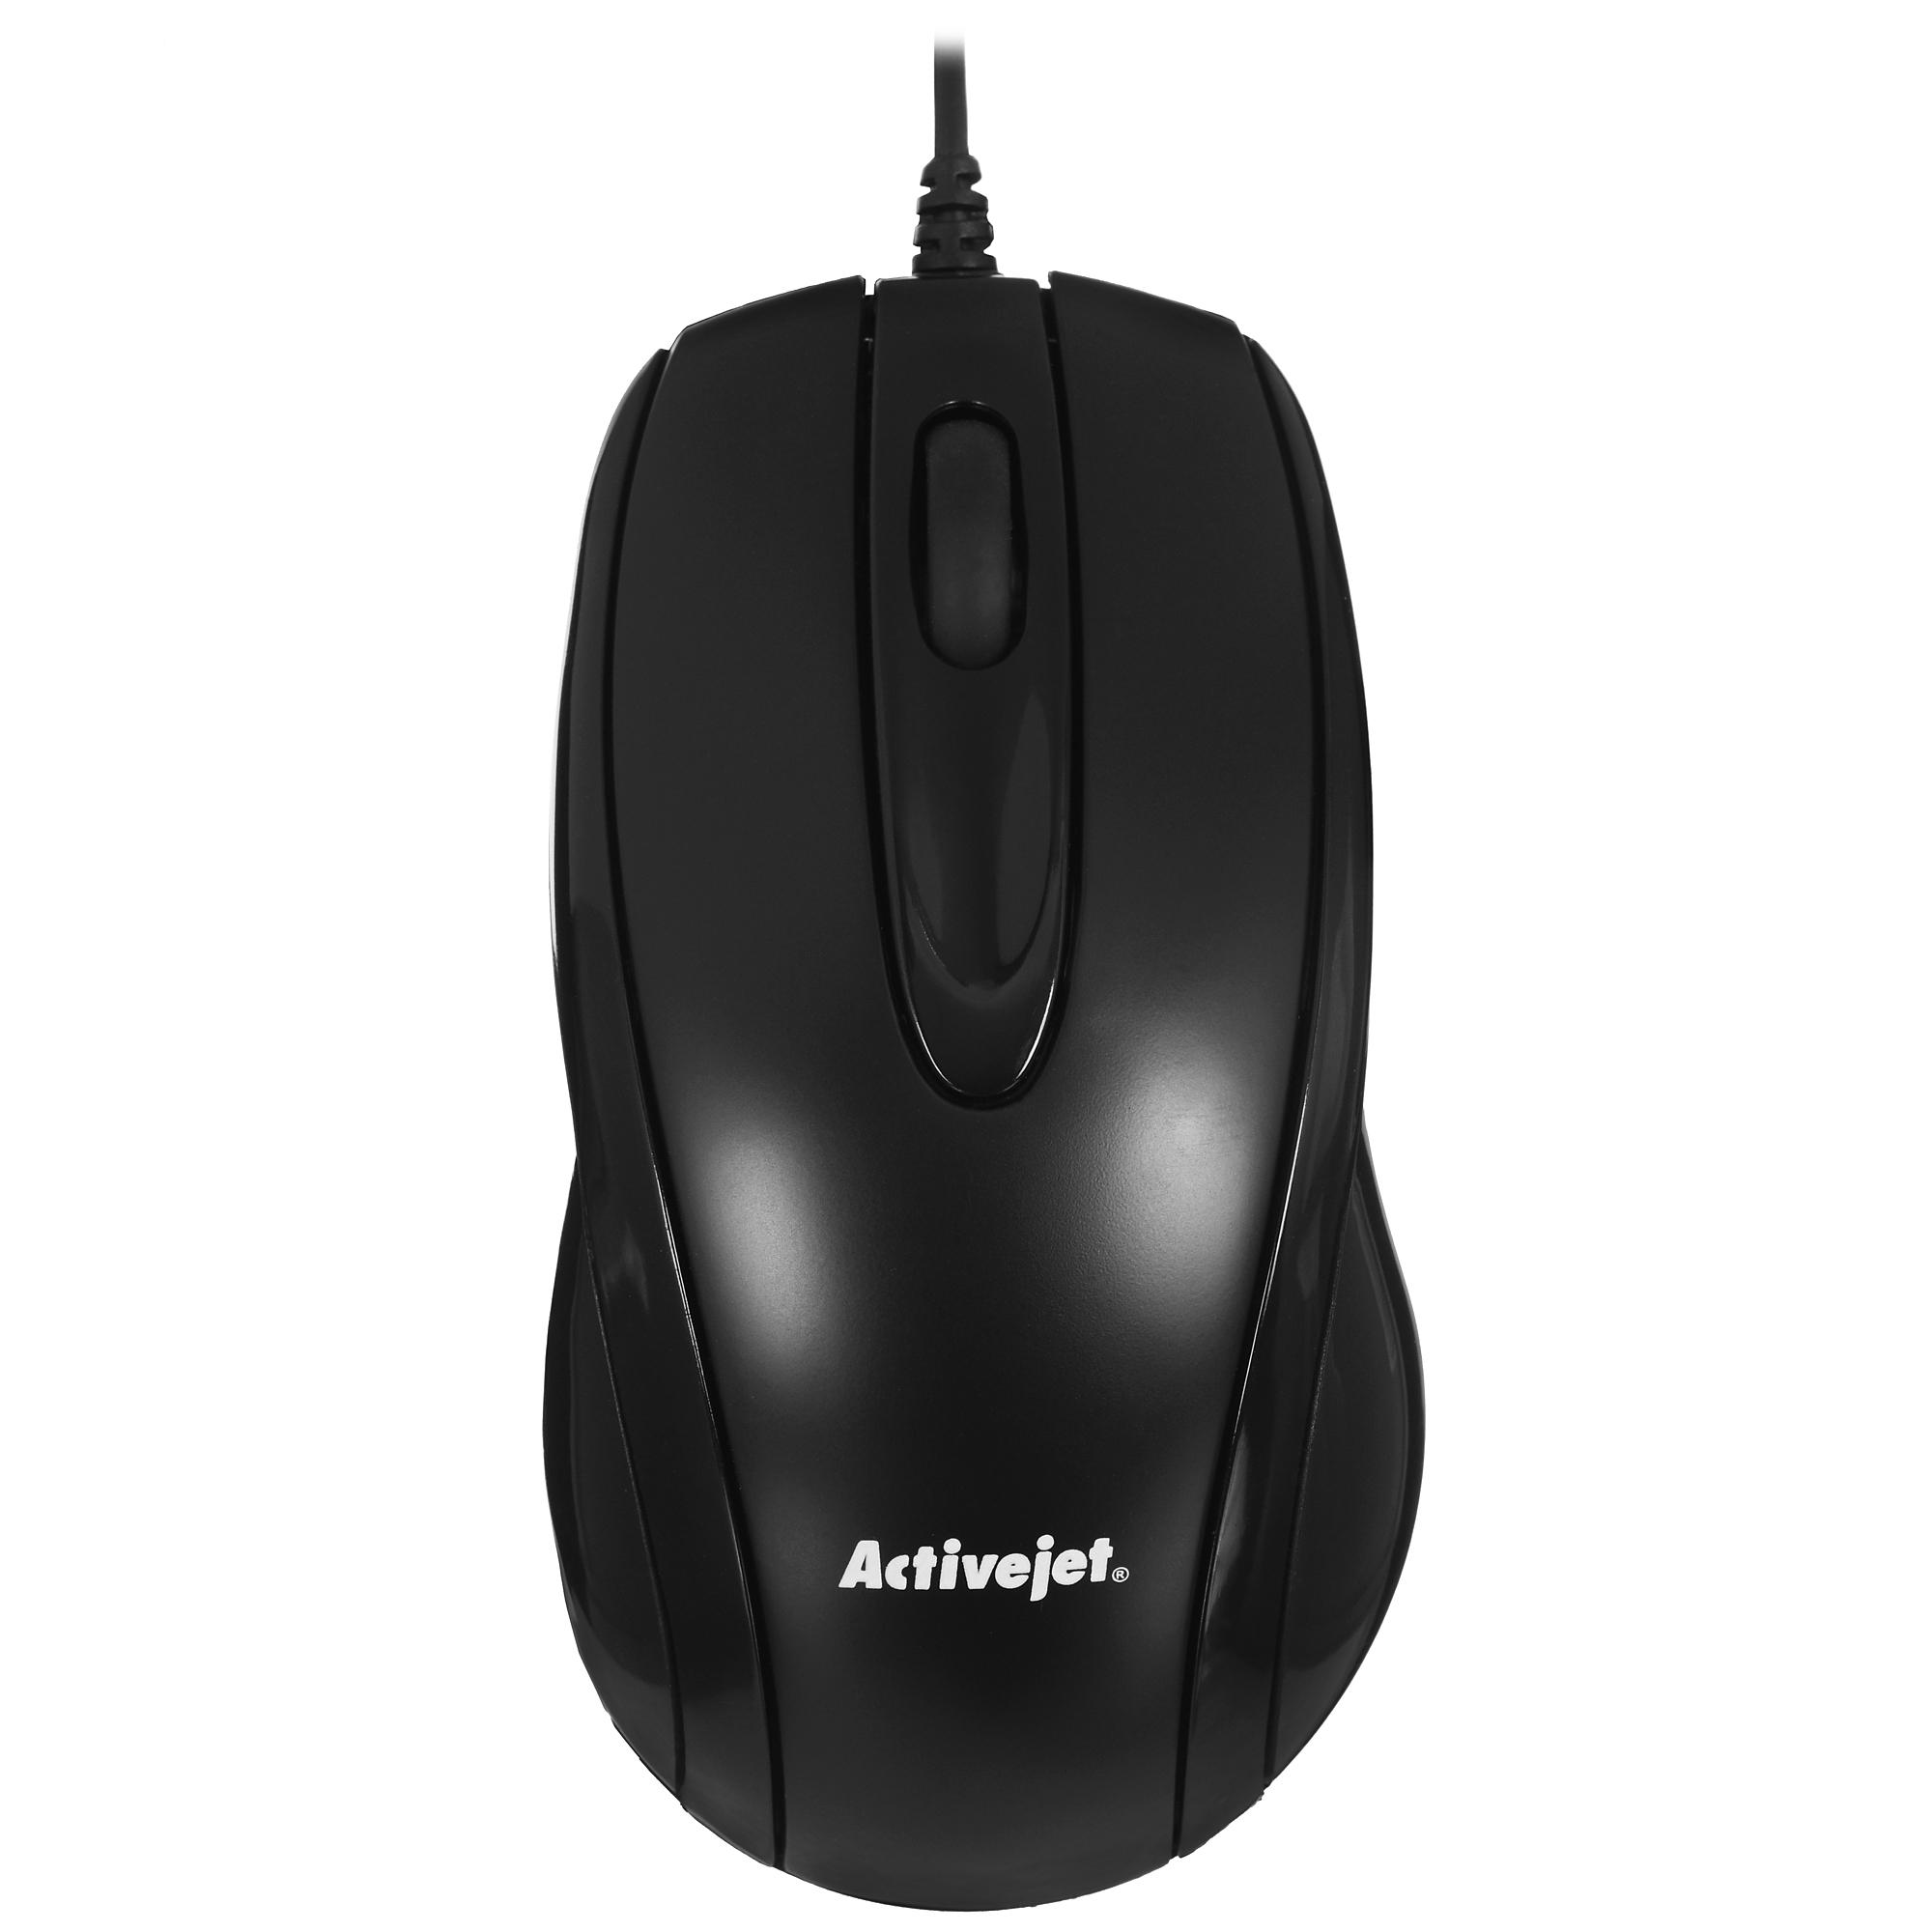 Activejet mysz przewodowa USB AMY-083